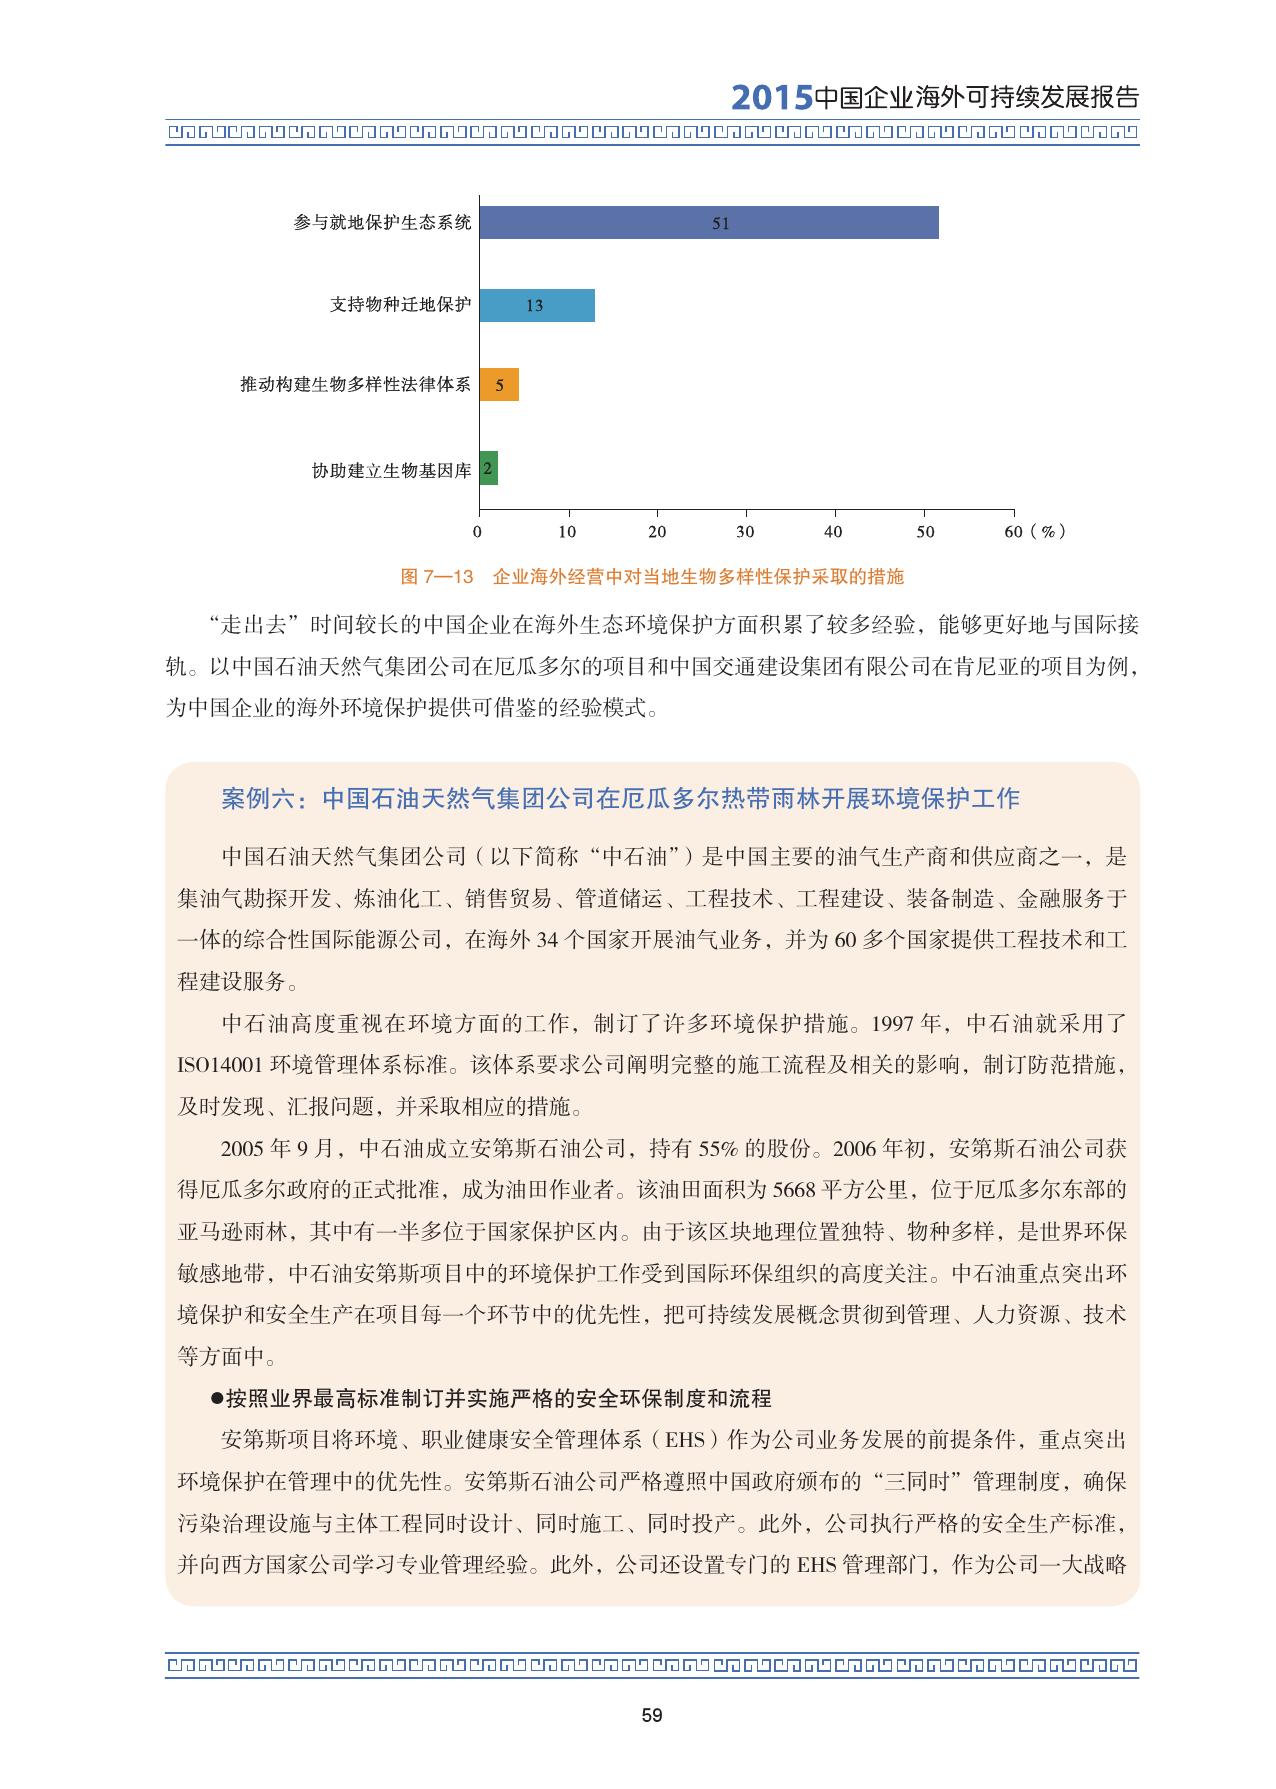 2015中国企业海外可持续发展报告_000073